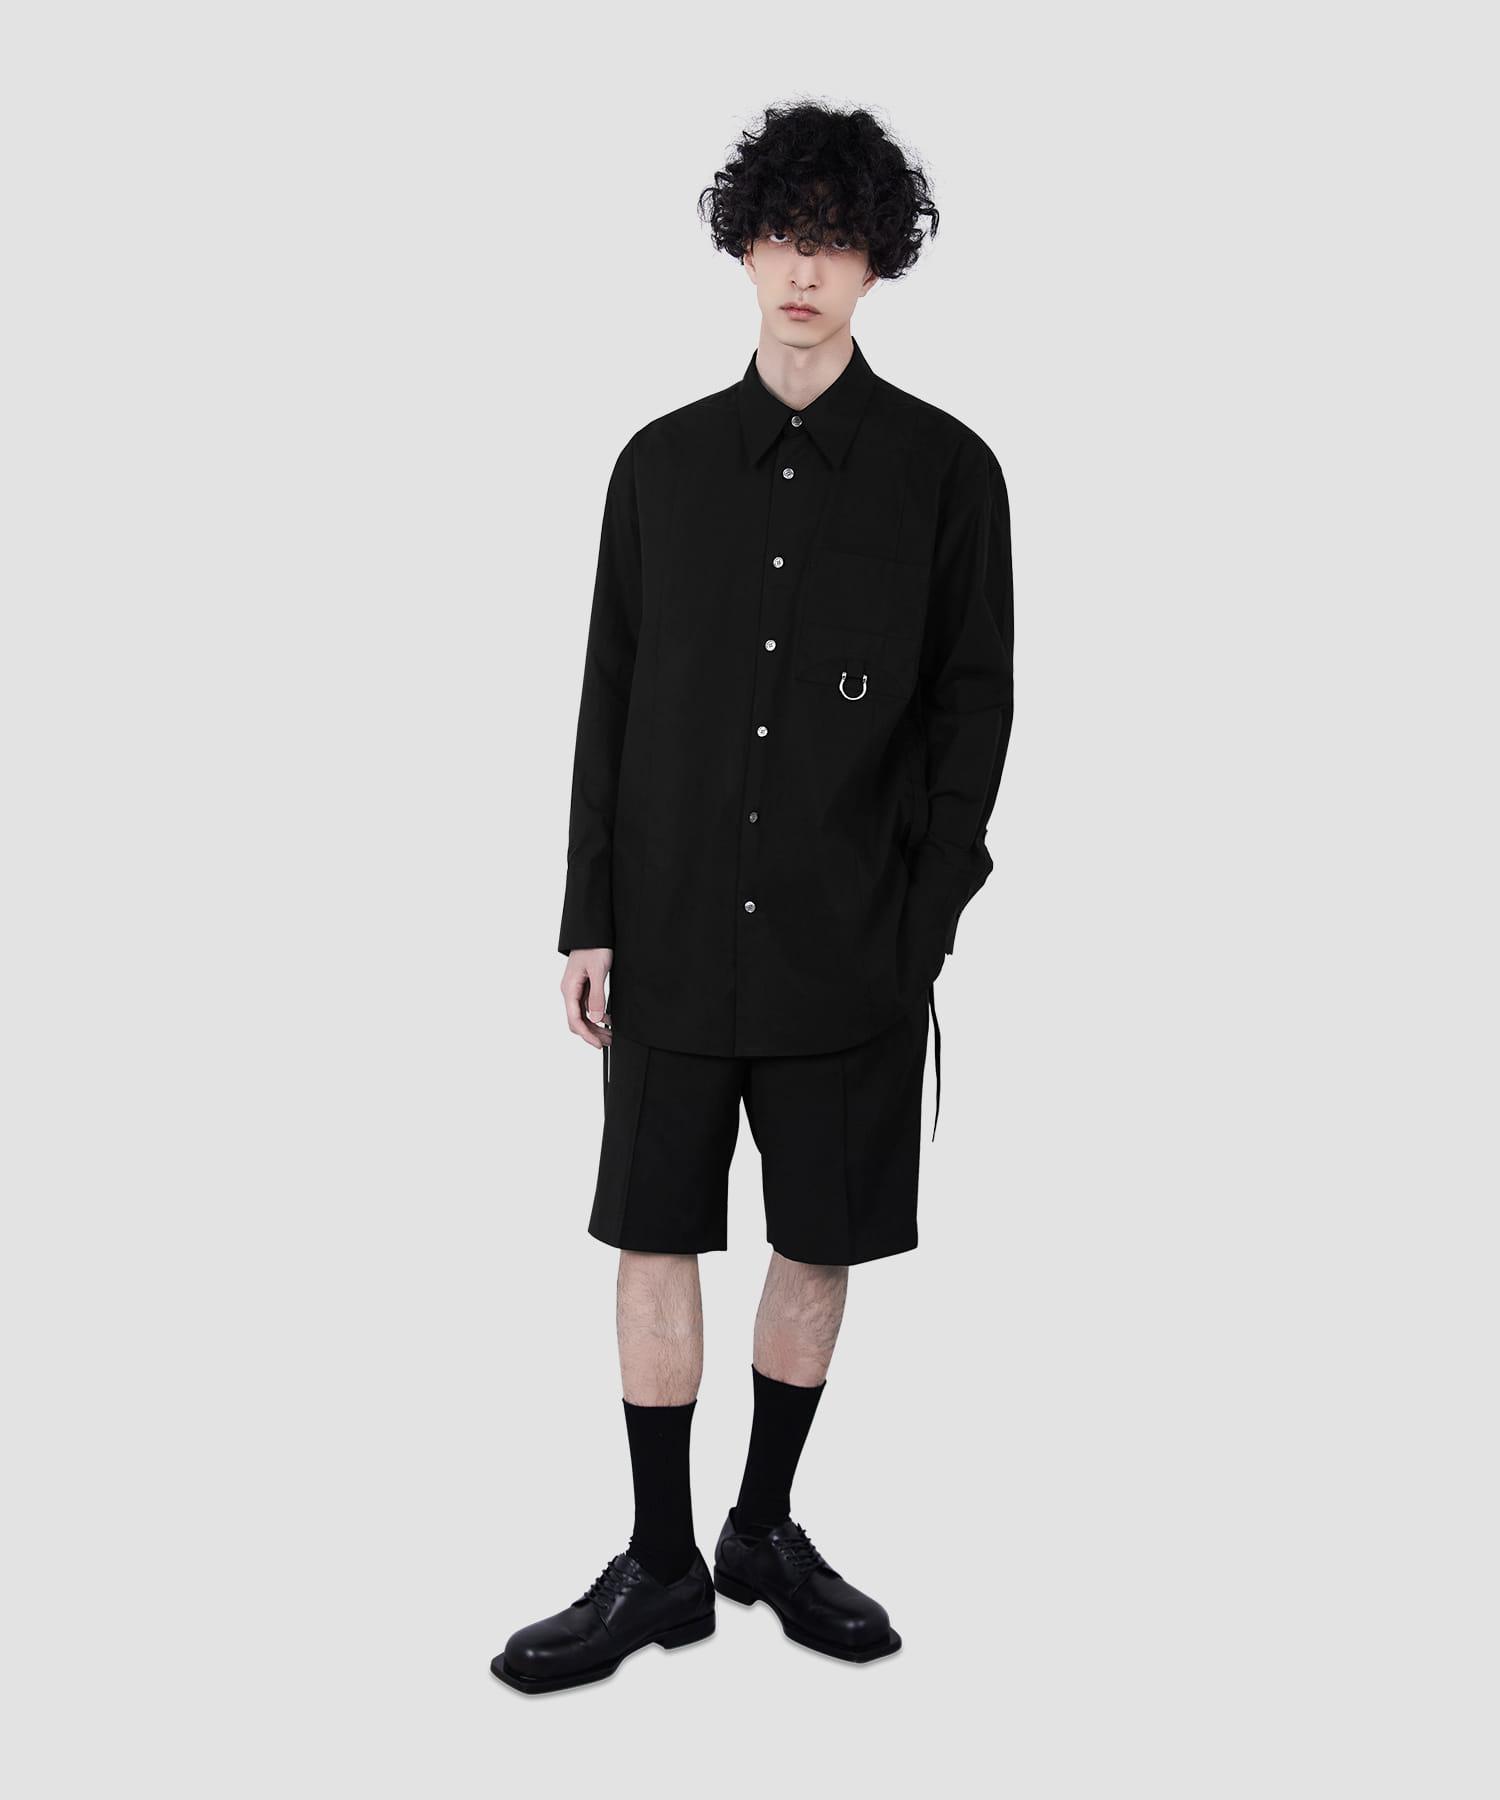 블랙 메탈후프 포켓 셔츠